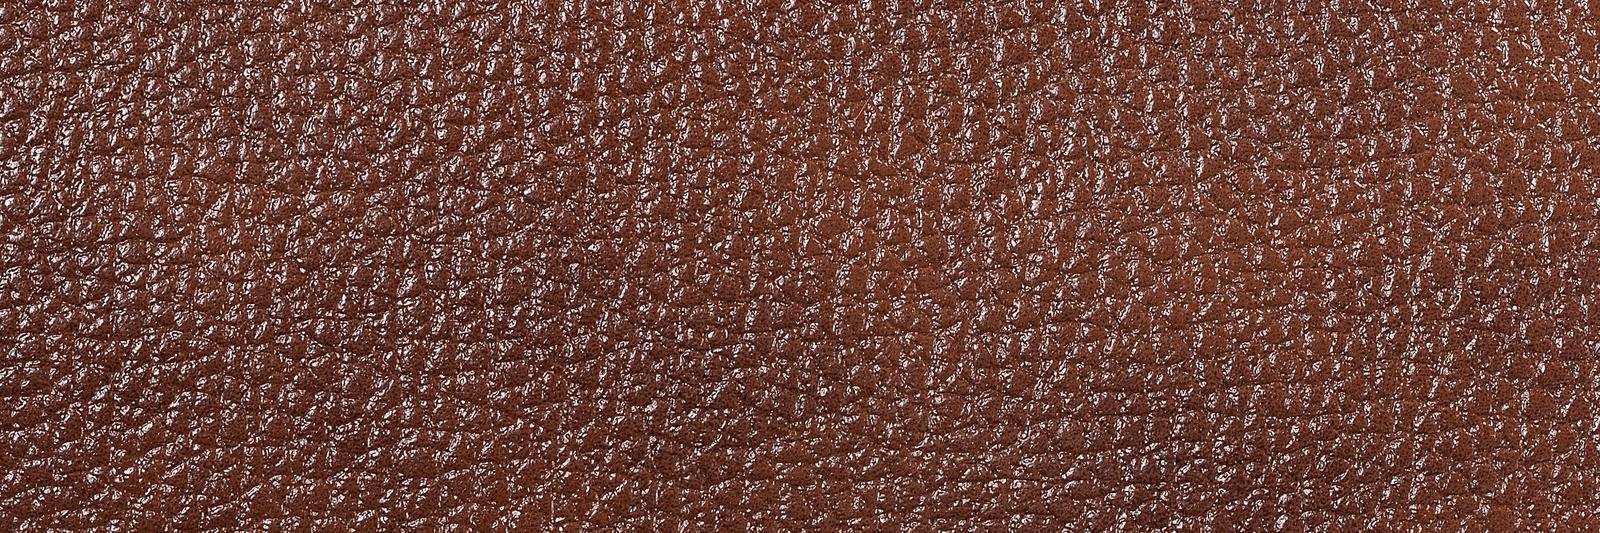 Диван кожаный угловой Эвита Коричневый (Натуральная кожа, правый) от HomeMe.ru